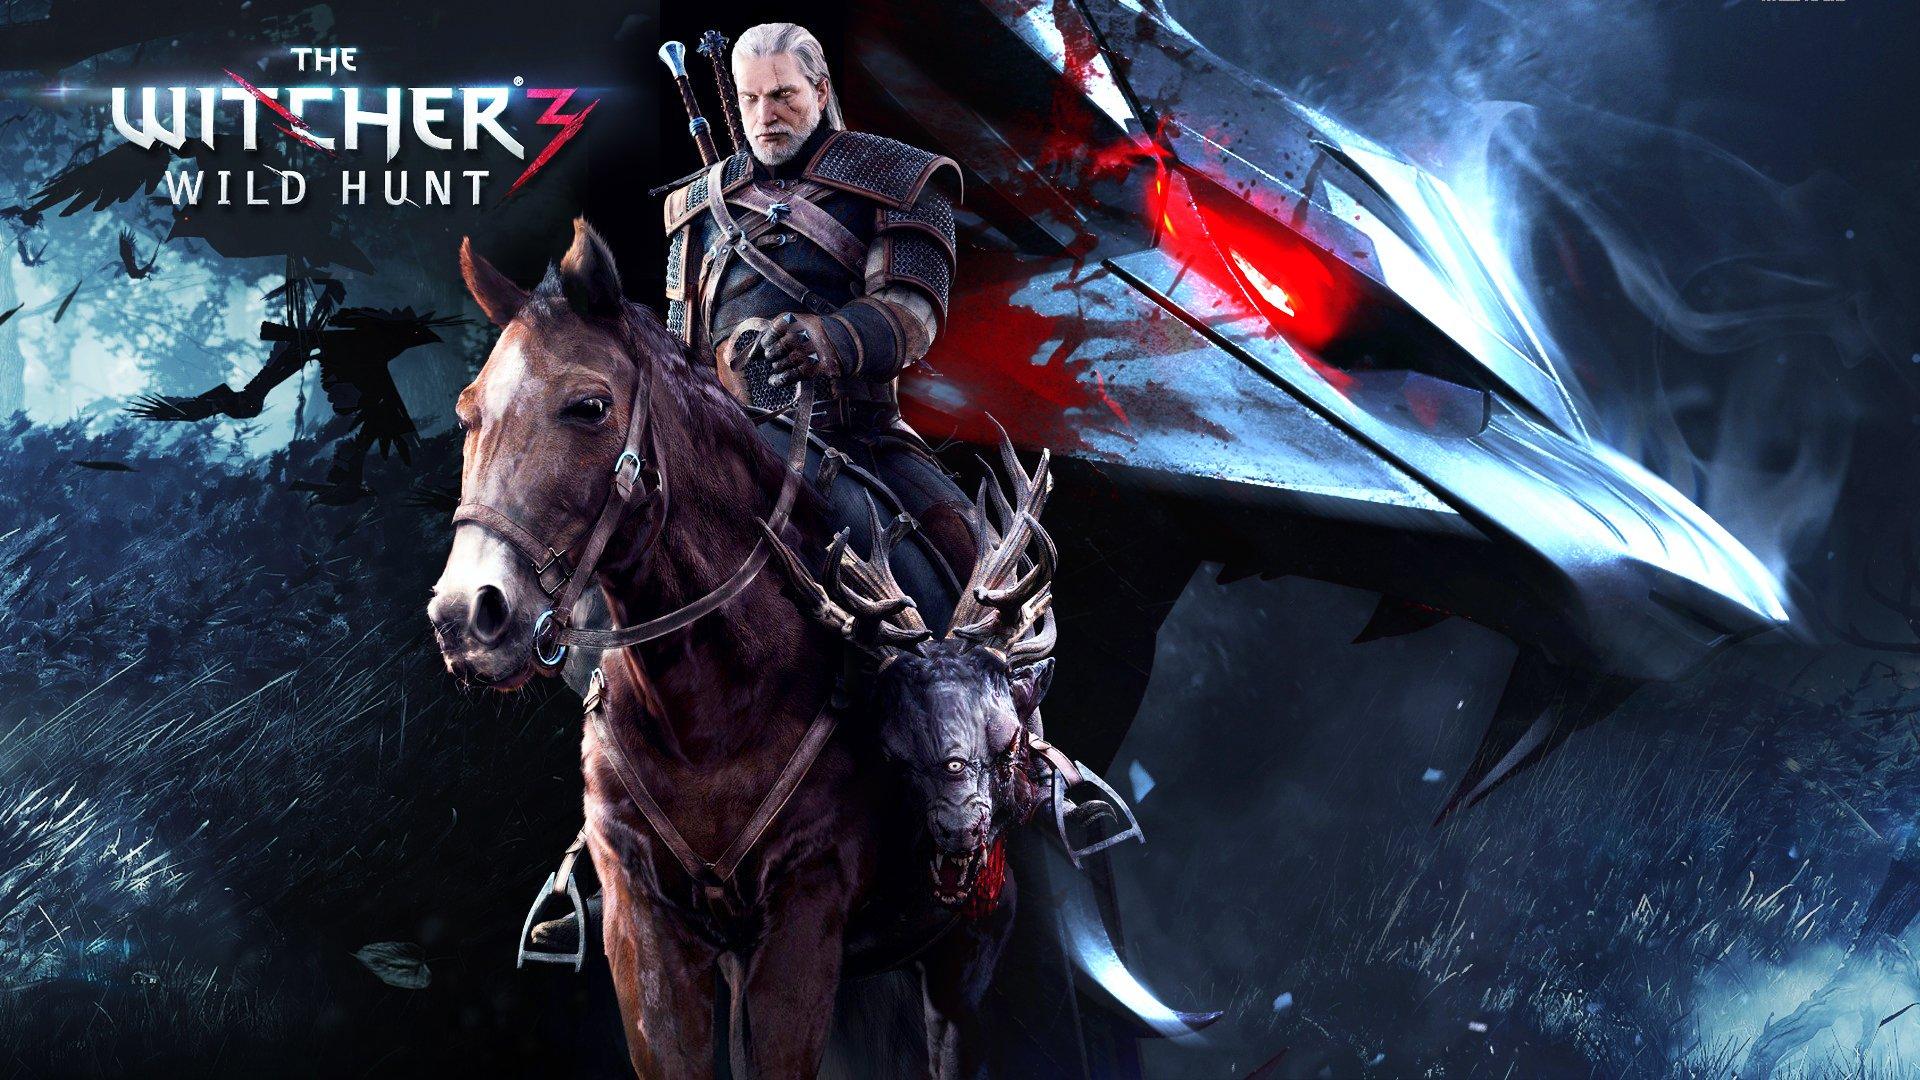 The Witcher 3: Wild Hunt. Комплект дополнений.    CD Projekt RED анонсировали два крупных дополнения для игры Hearts .... - Изображение 1